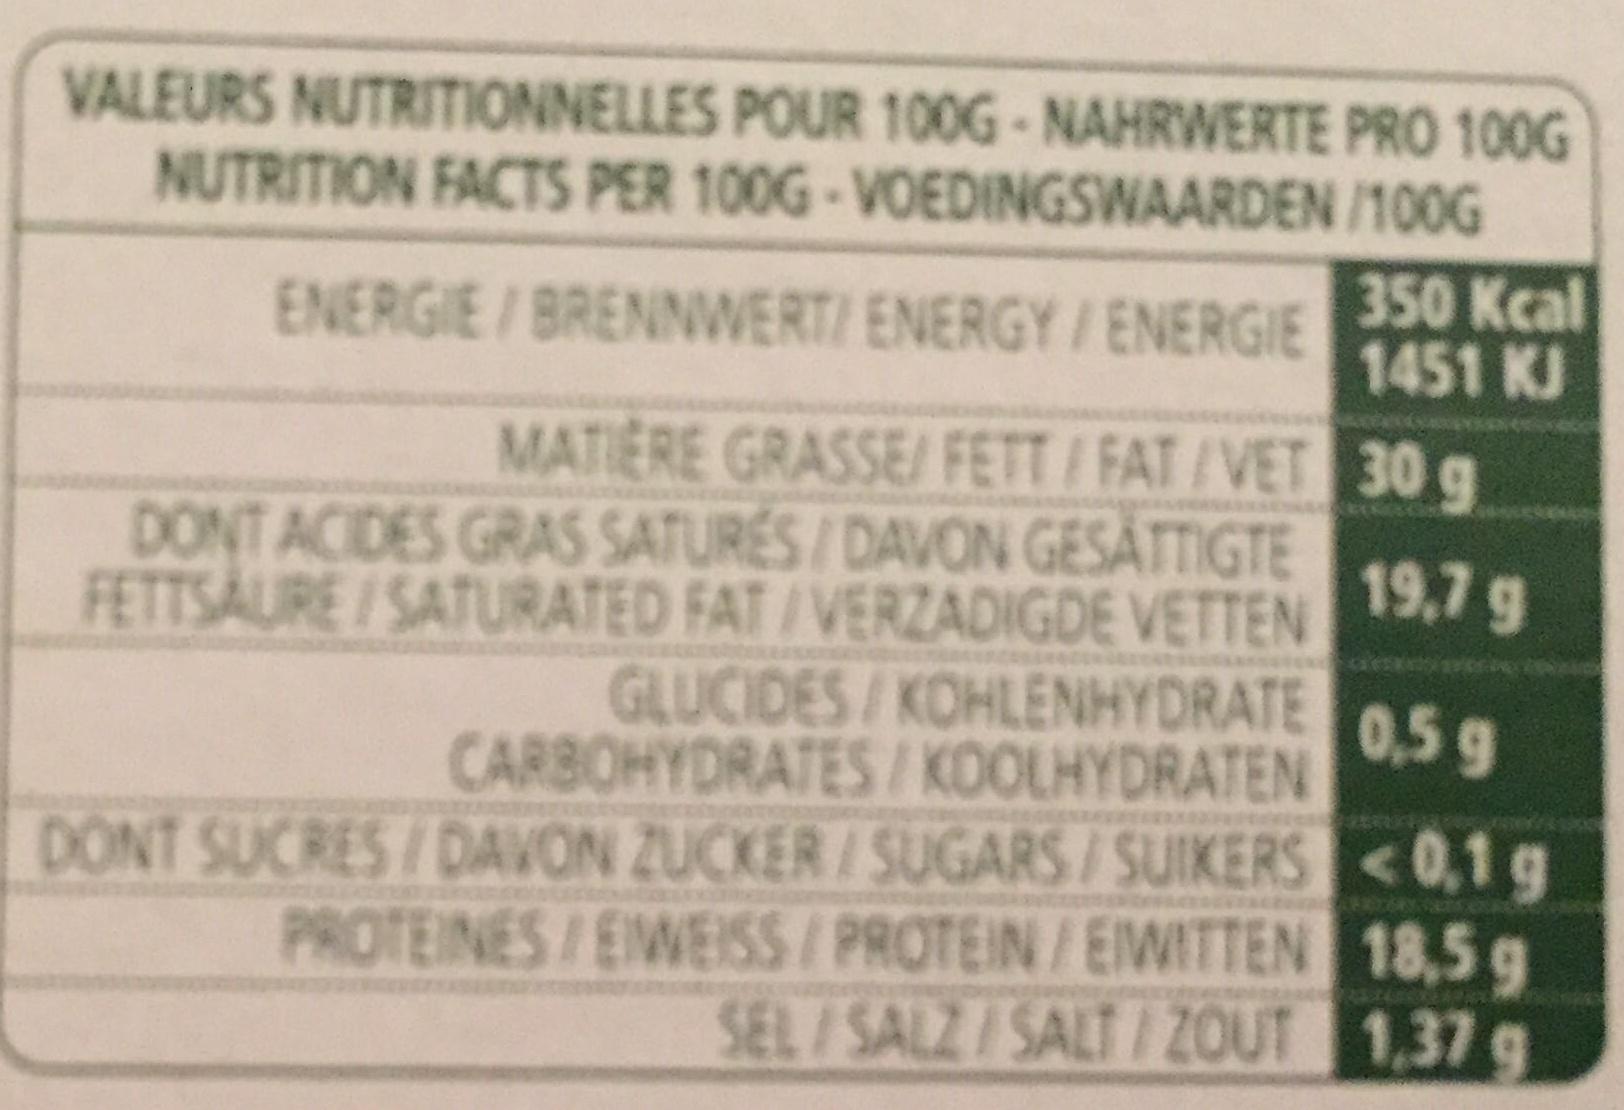 Roucoulons Fondant et typé - Informations nutritionnelles - fr